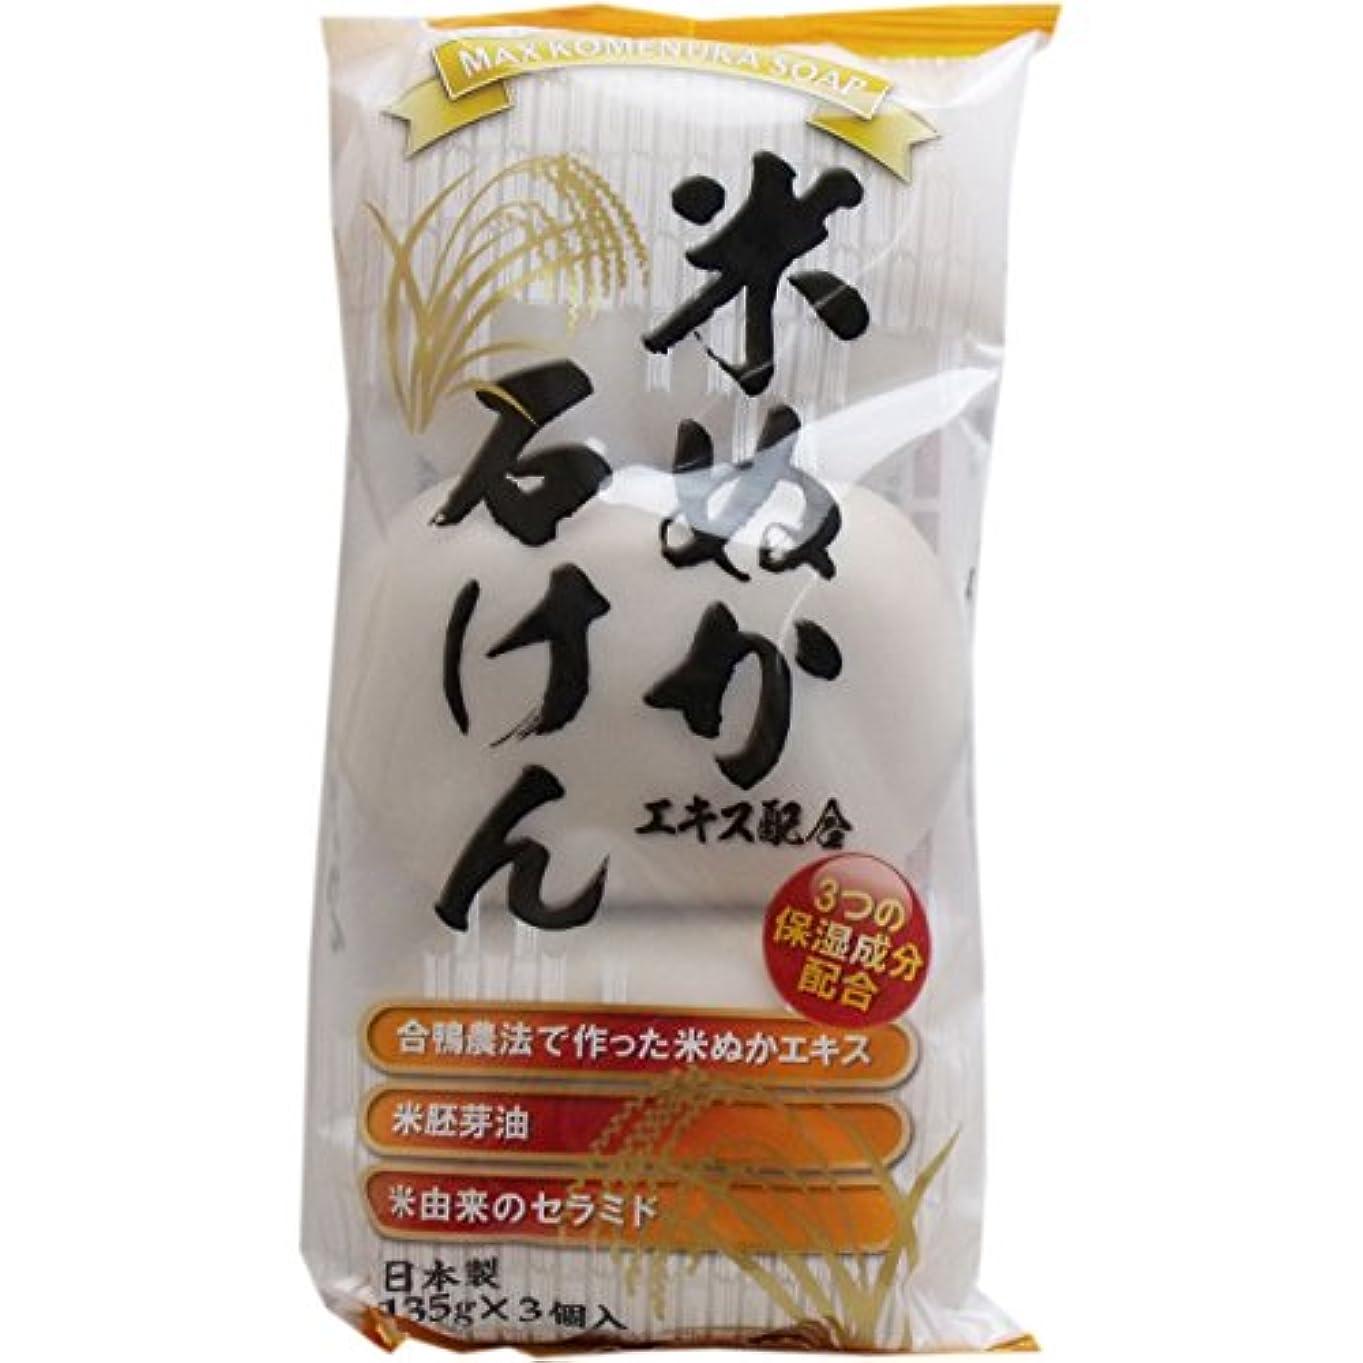 声を出して口径髄[マックス 1651695] (ケア商品)米ぬか石けん 135g×3個入